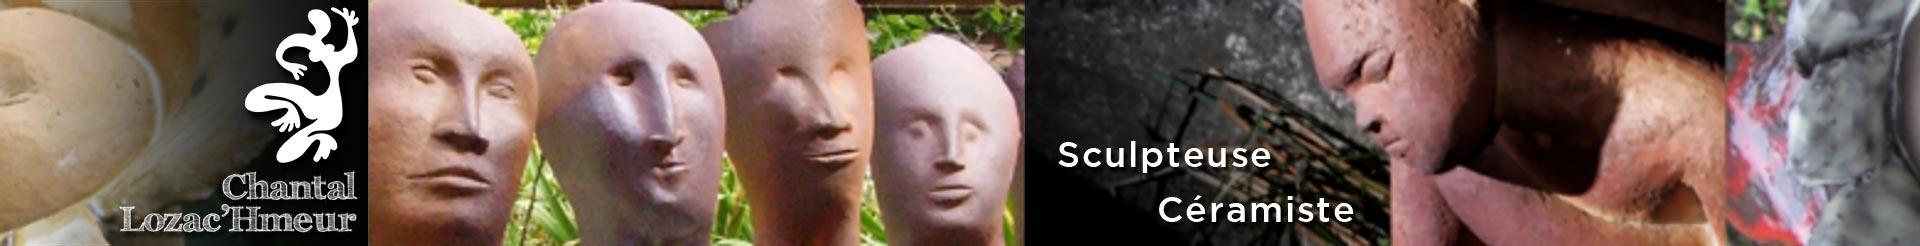 Bandeau de sculptures réalisées par Chantal Lozac'Hmeur